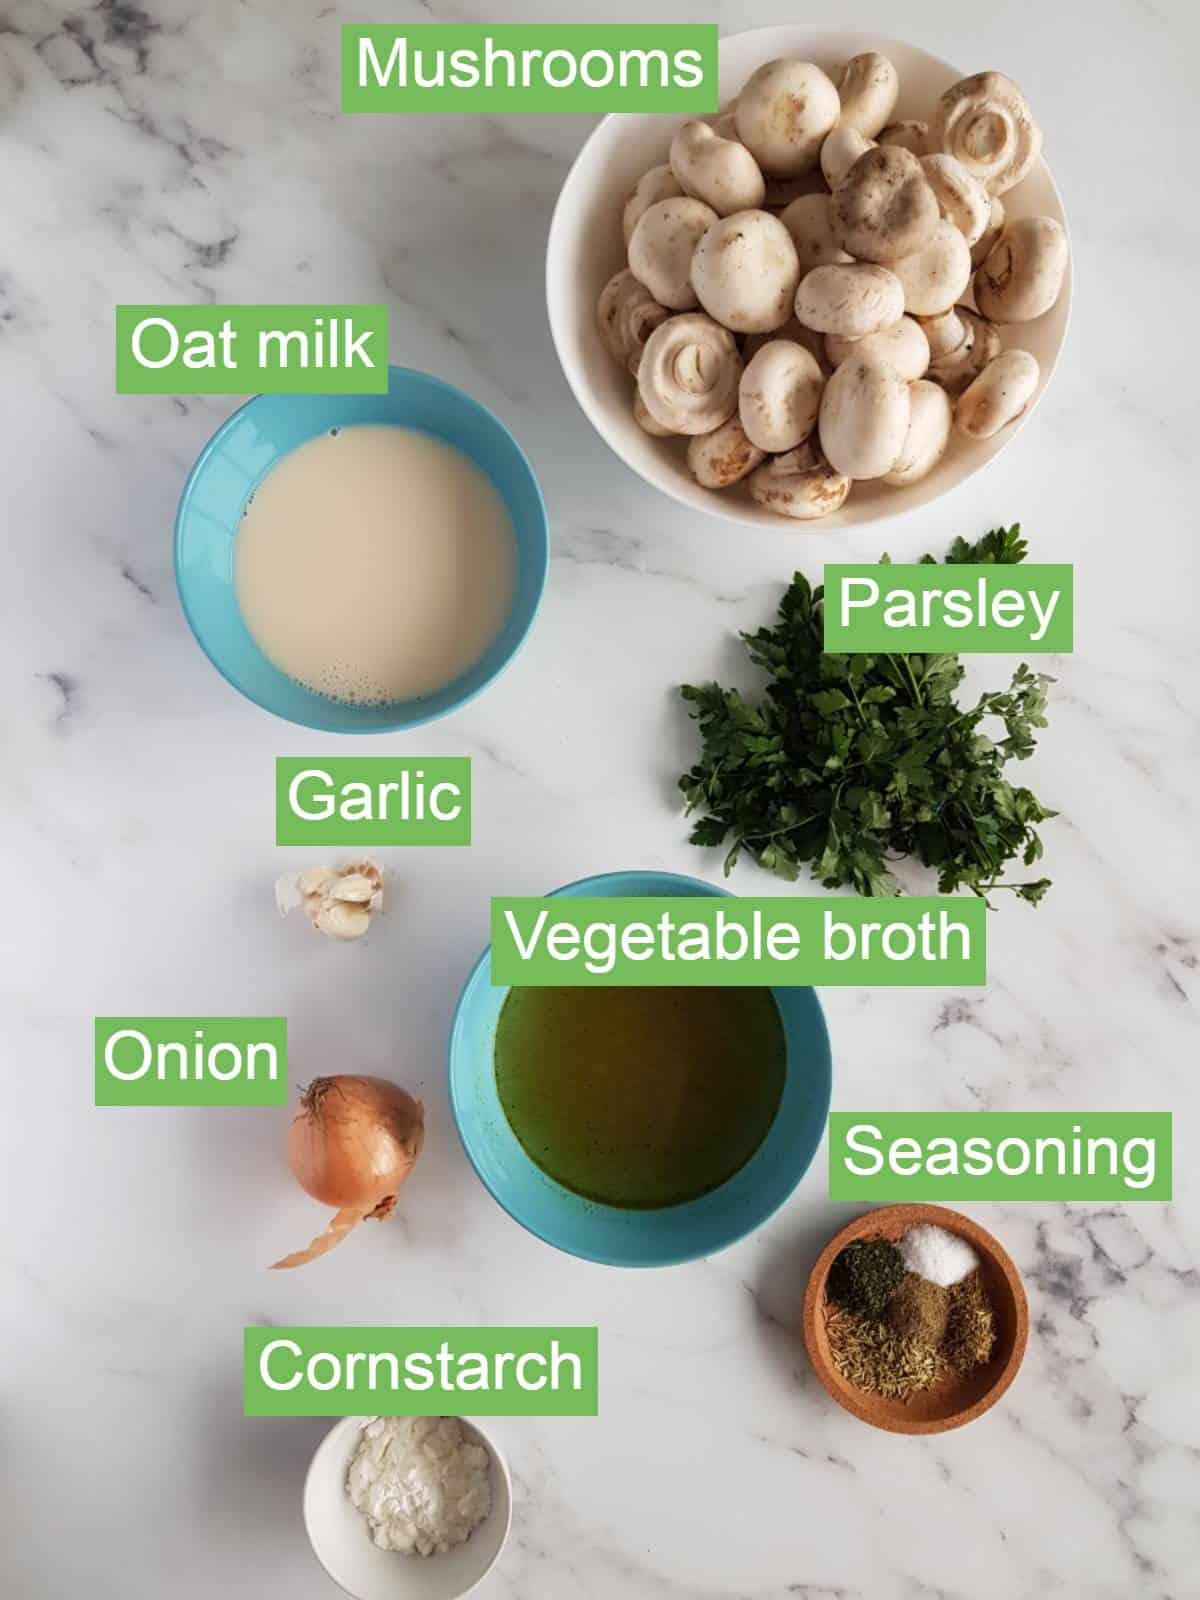 Mushroom soup ingredients.